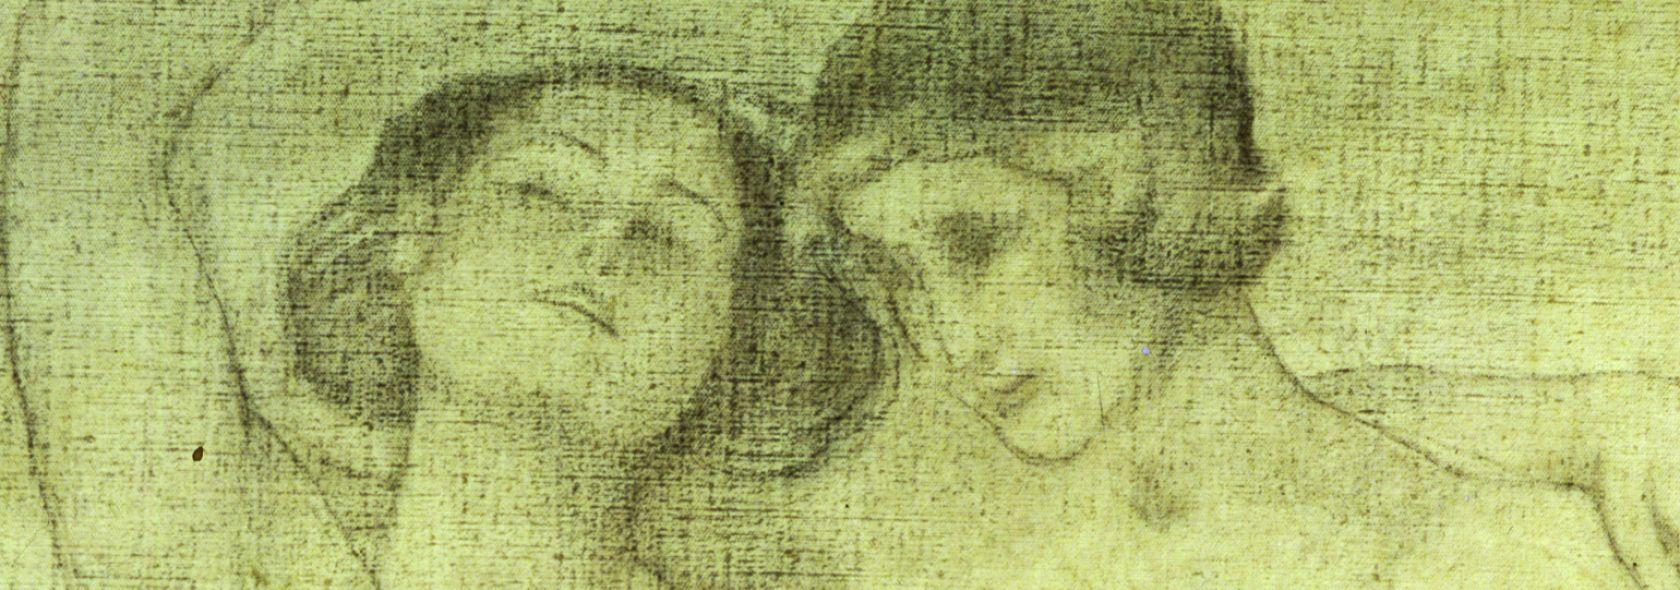 Giovanni Segantini - Il Paradiso Terrestre - 1896 ca - DOCSAI - ©Archivio fotogr